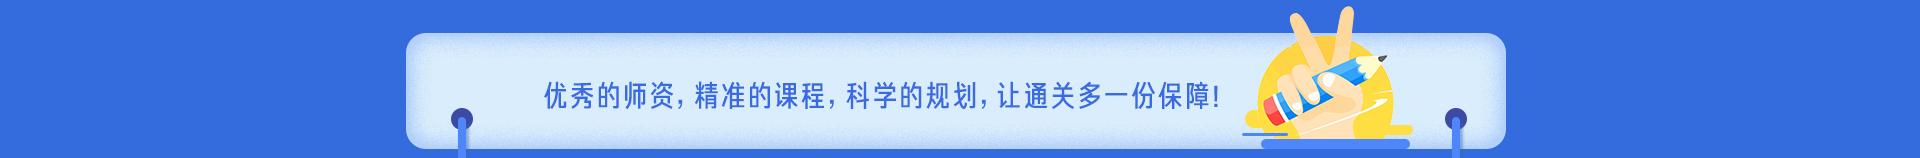 专题页面:VIP协议班1920x_03.jpg